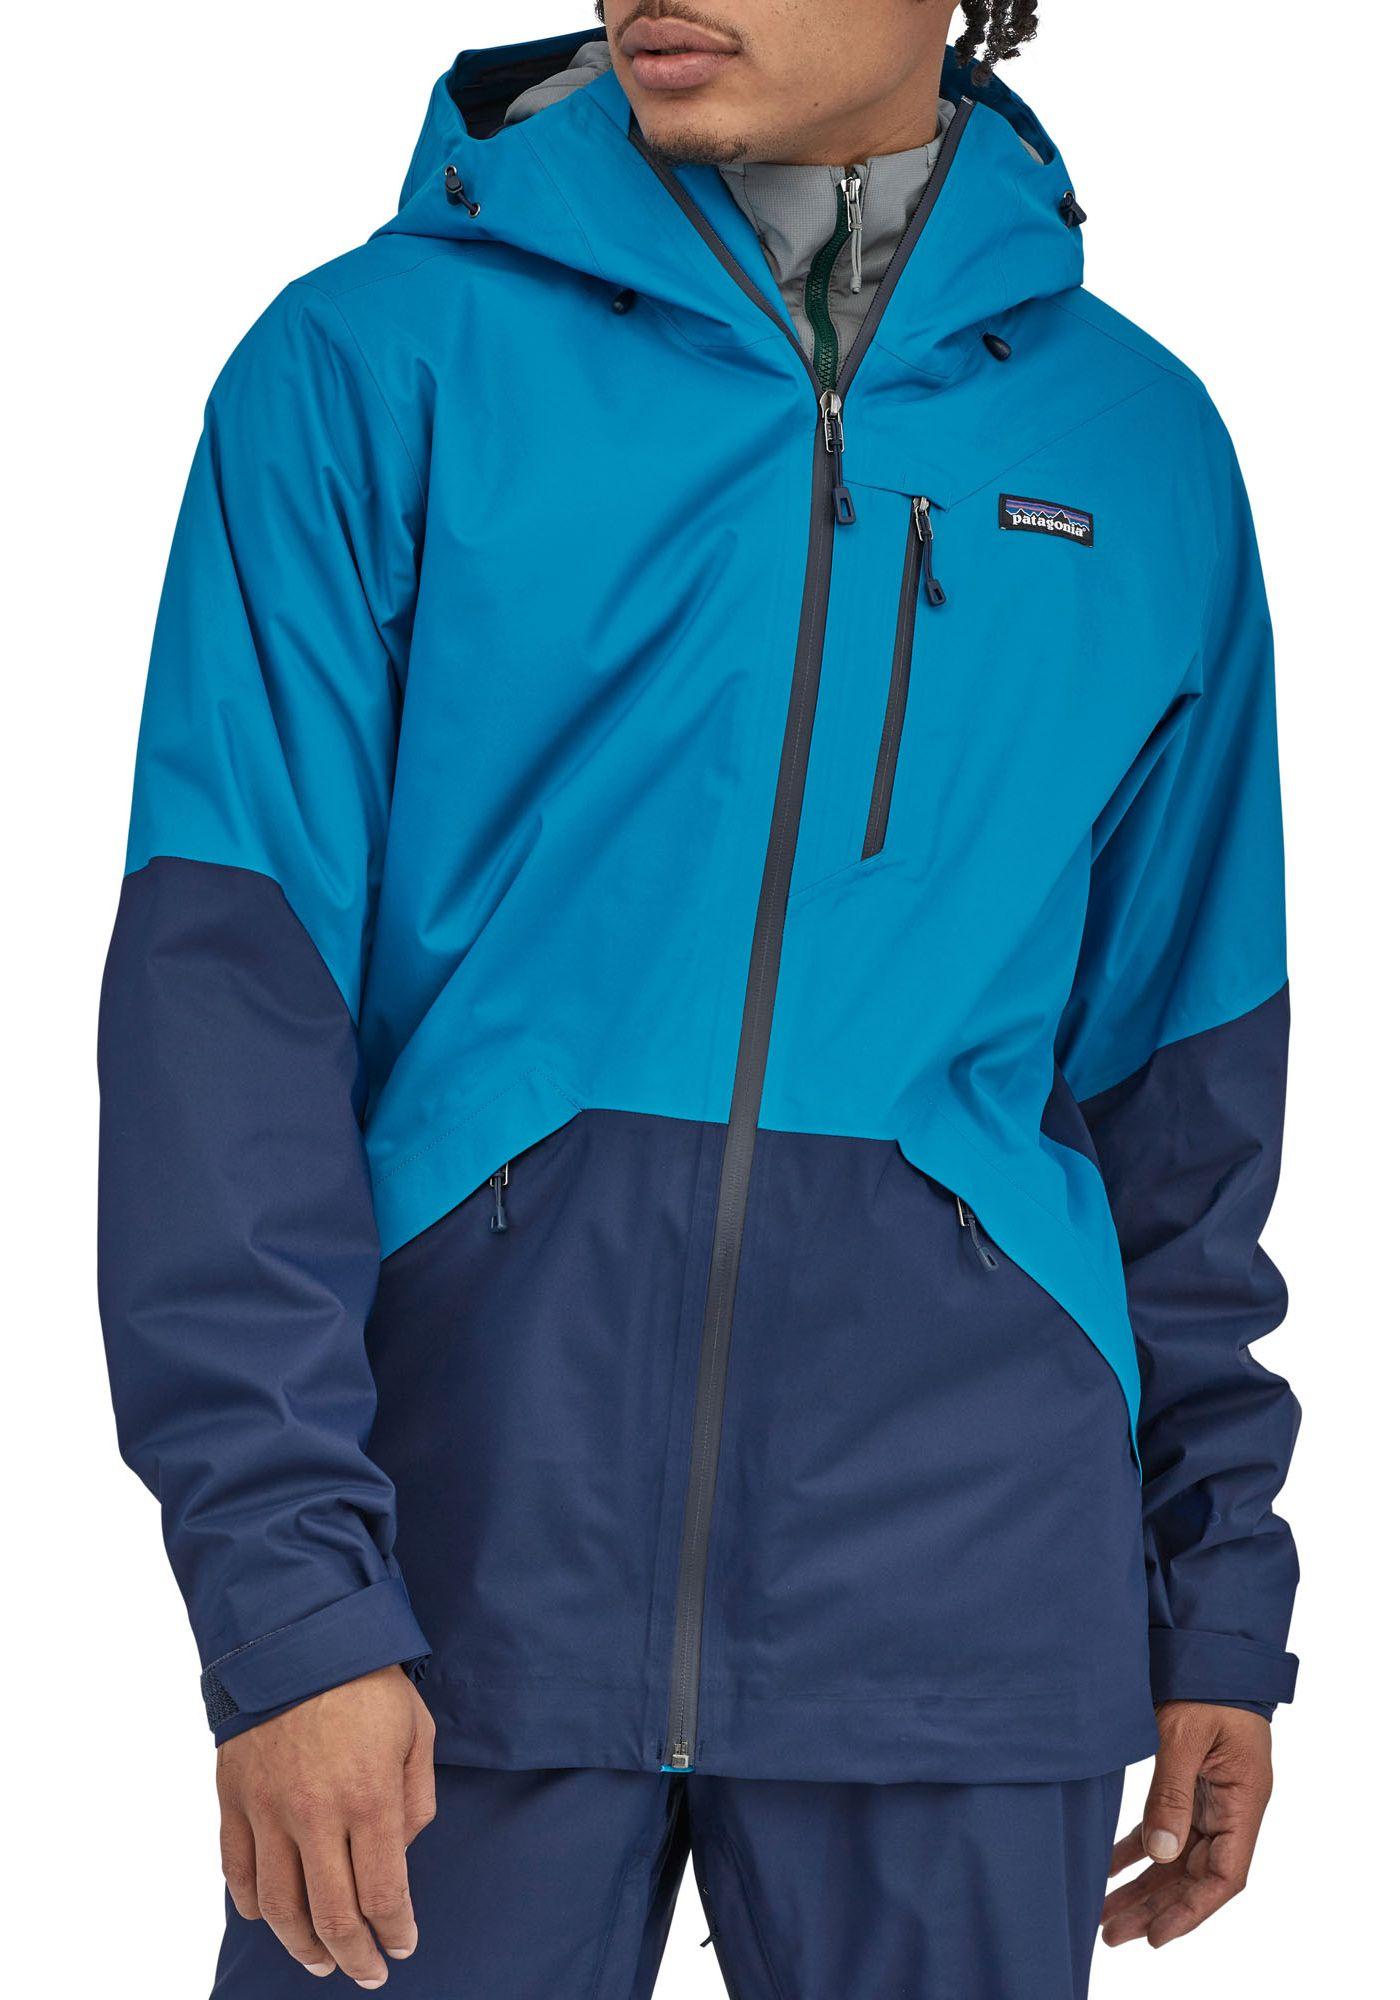 Patagonia Men's Snowshot Shell Jacket